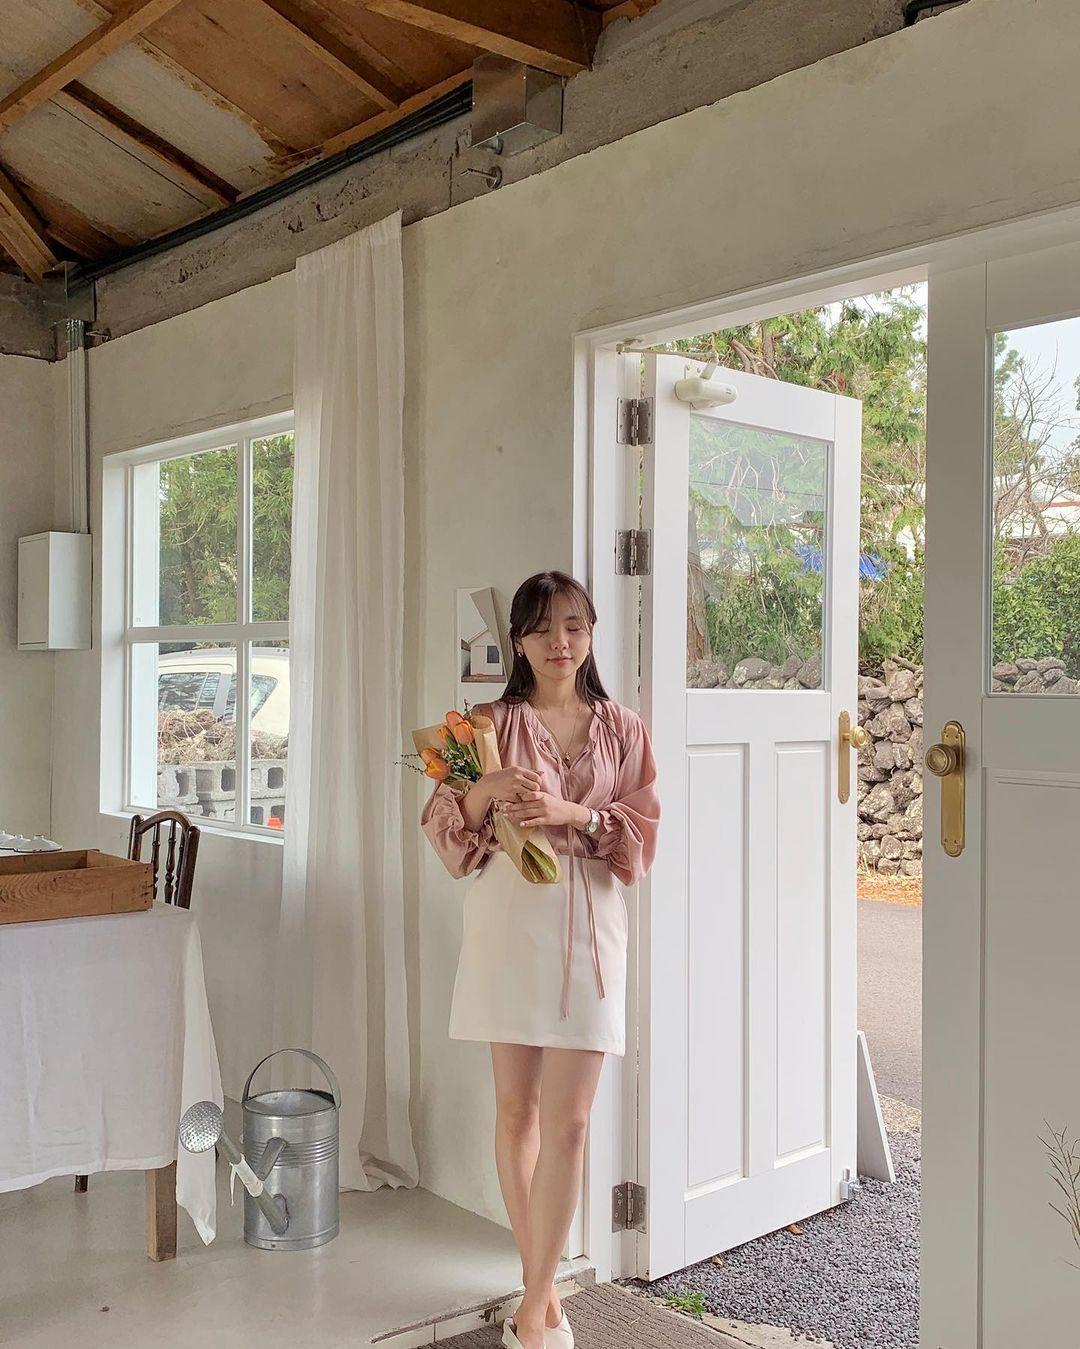 Gái Hàn có 12 cách lên đồ với áo blouse đẹp mê, xem xong là muốn copy đến sở làm liền - Ảnh 5.